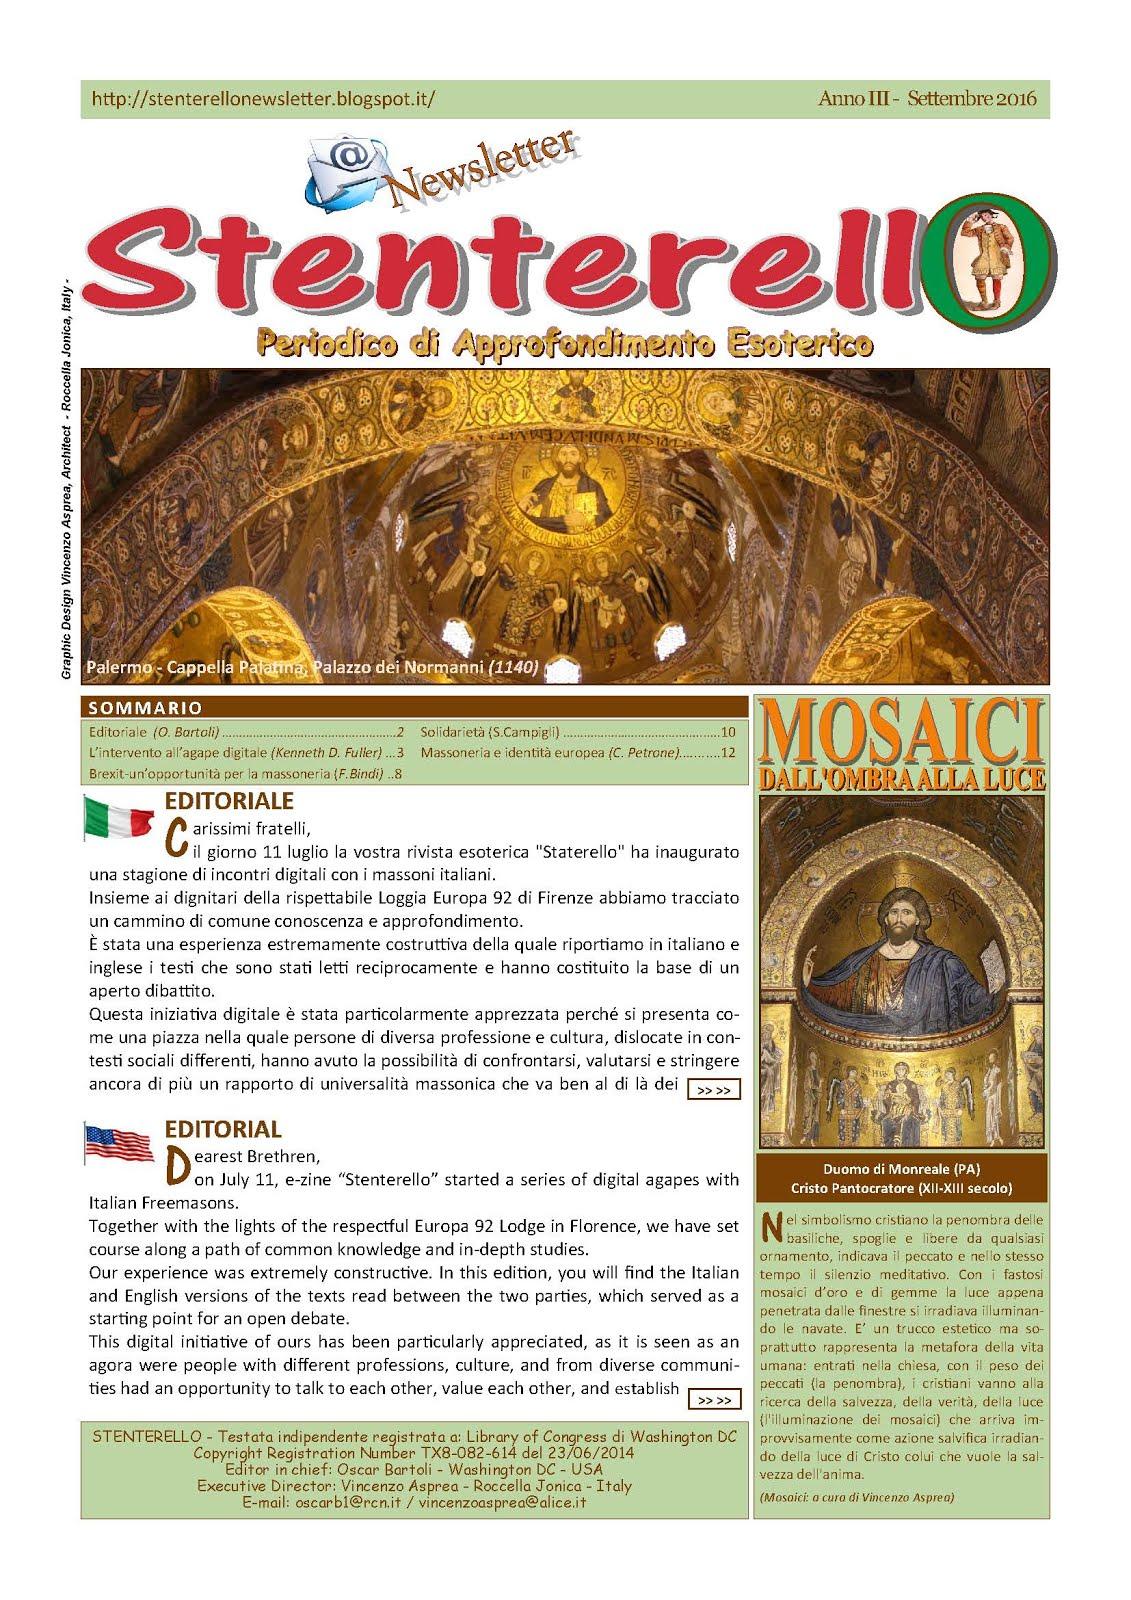 Stenterello Anno III - Settembre 2016